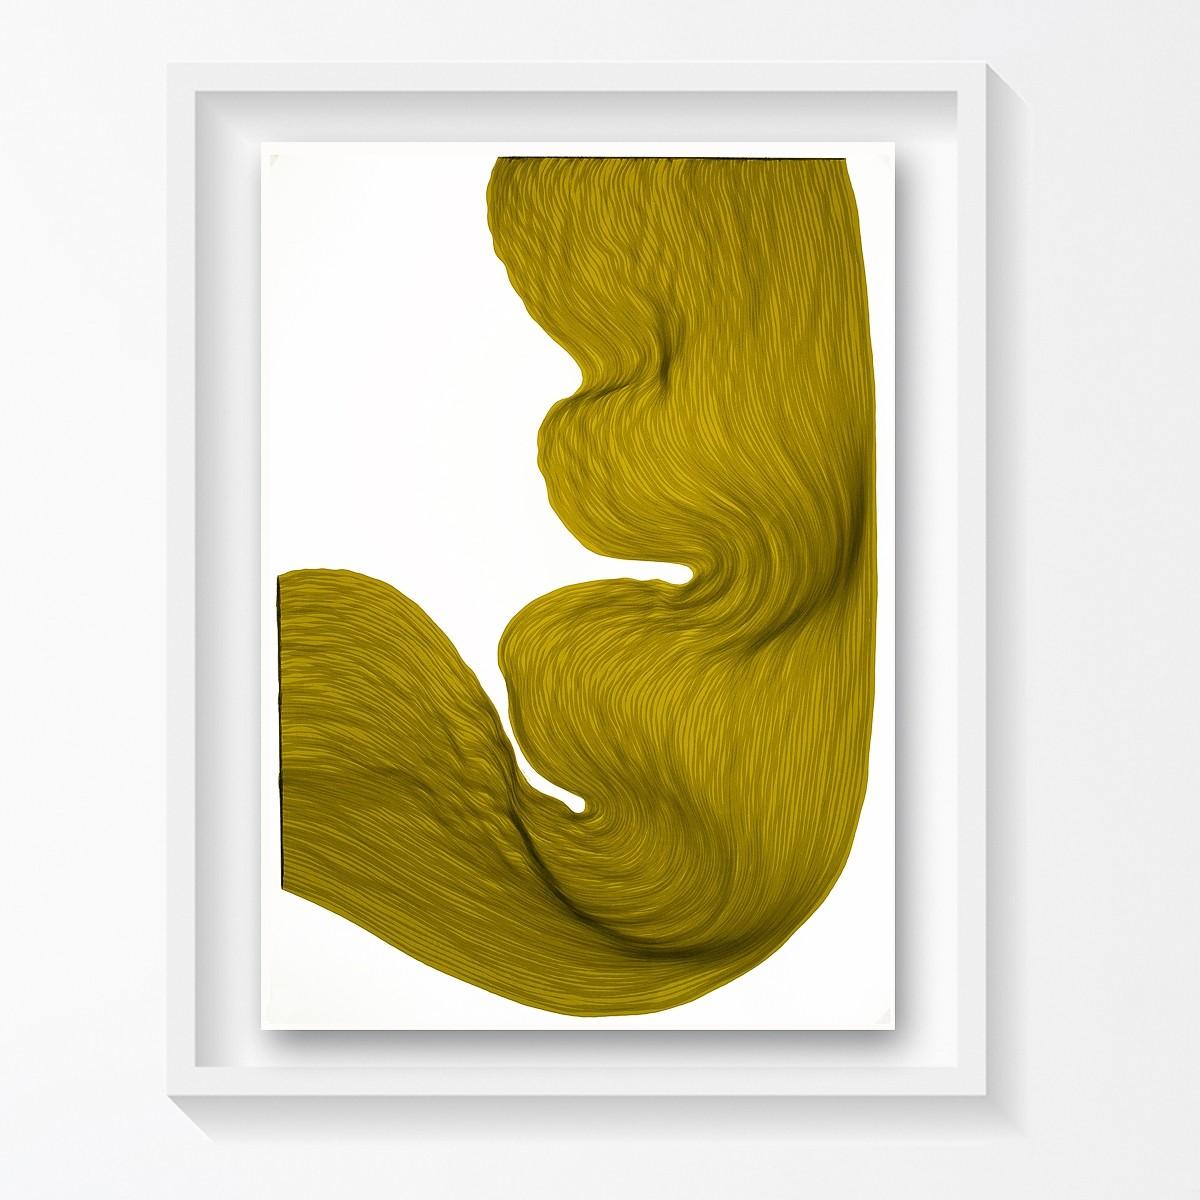 Rusty Lime | Lali Torma | Zeichnung | Kalligraphietusche auf Papier, gerahmt